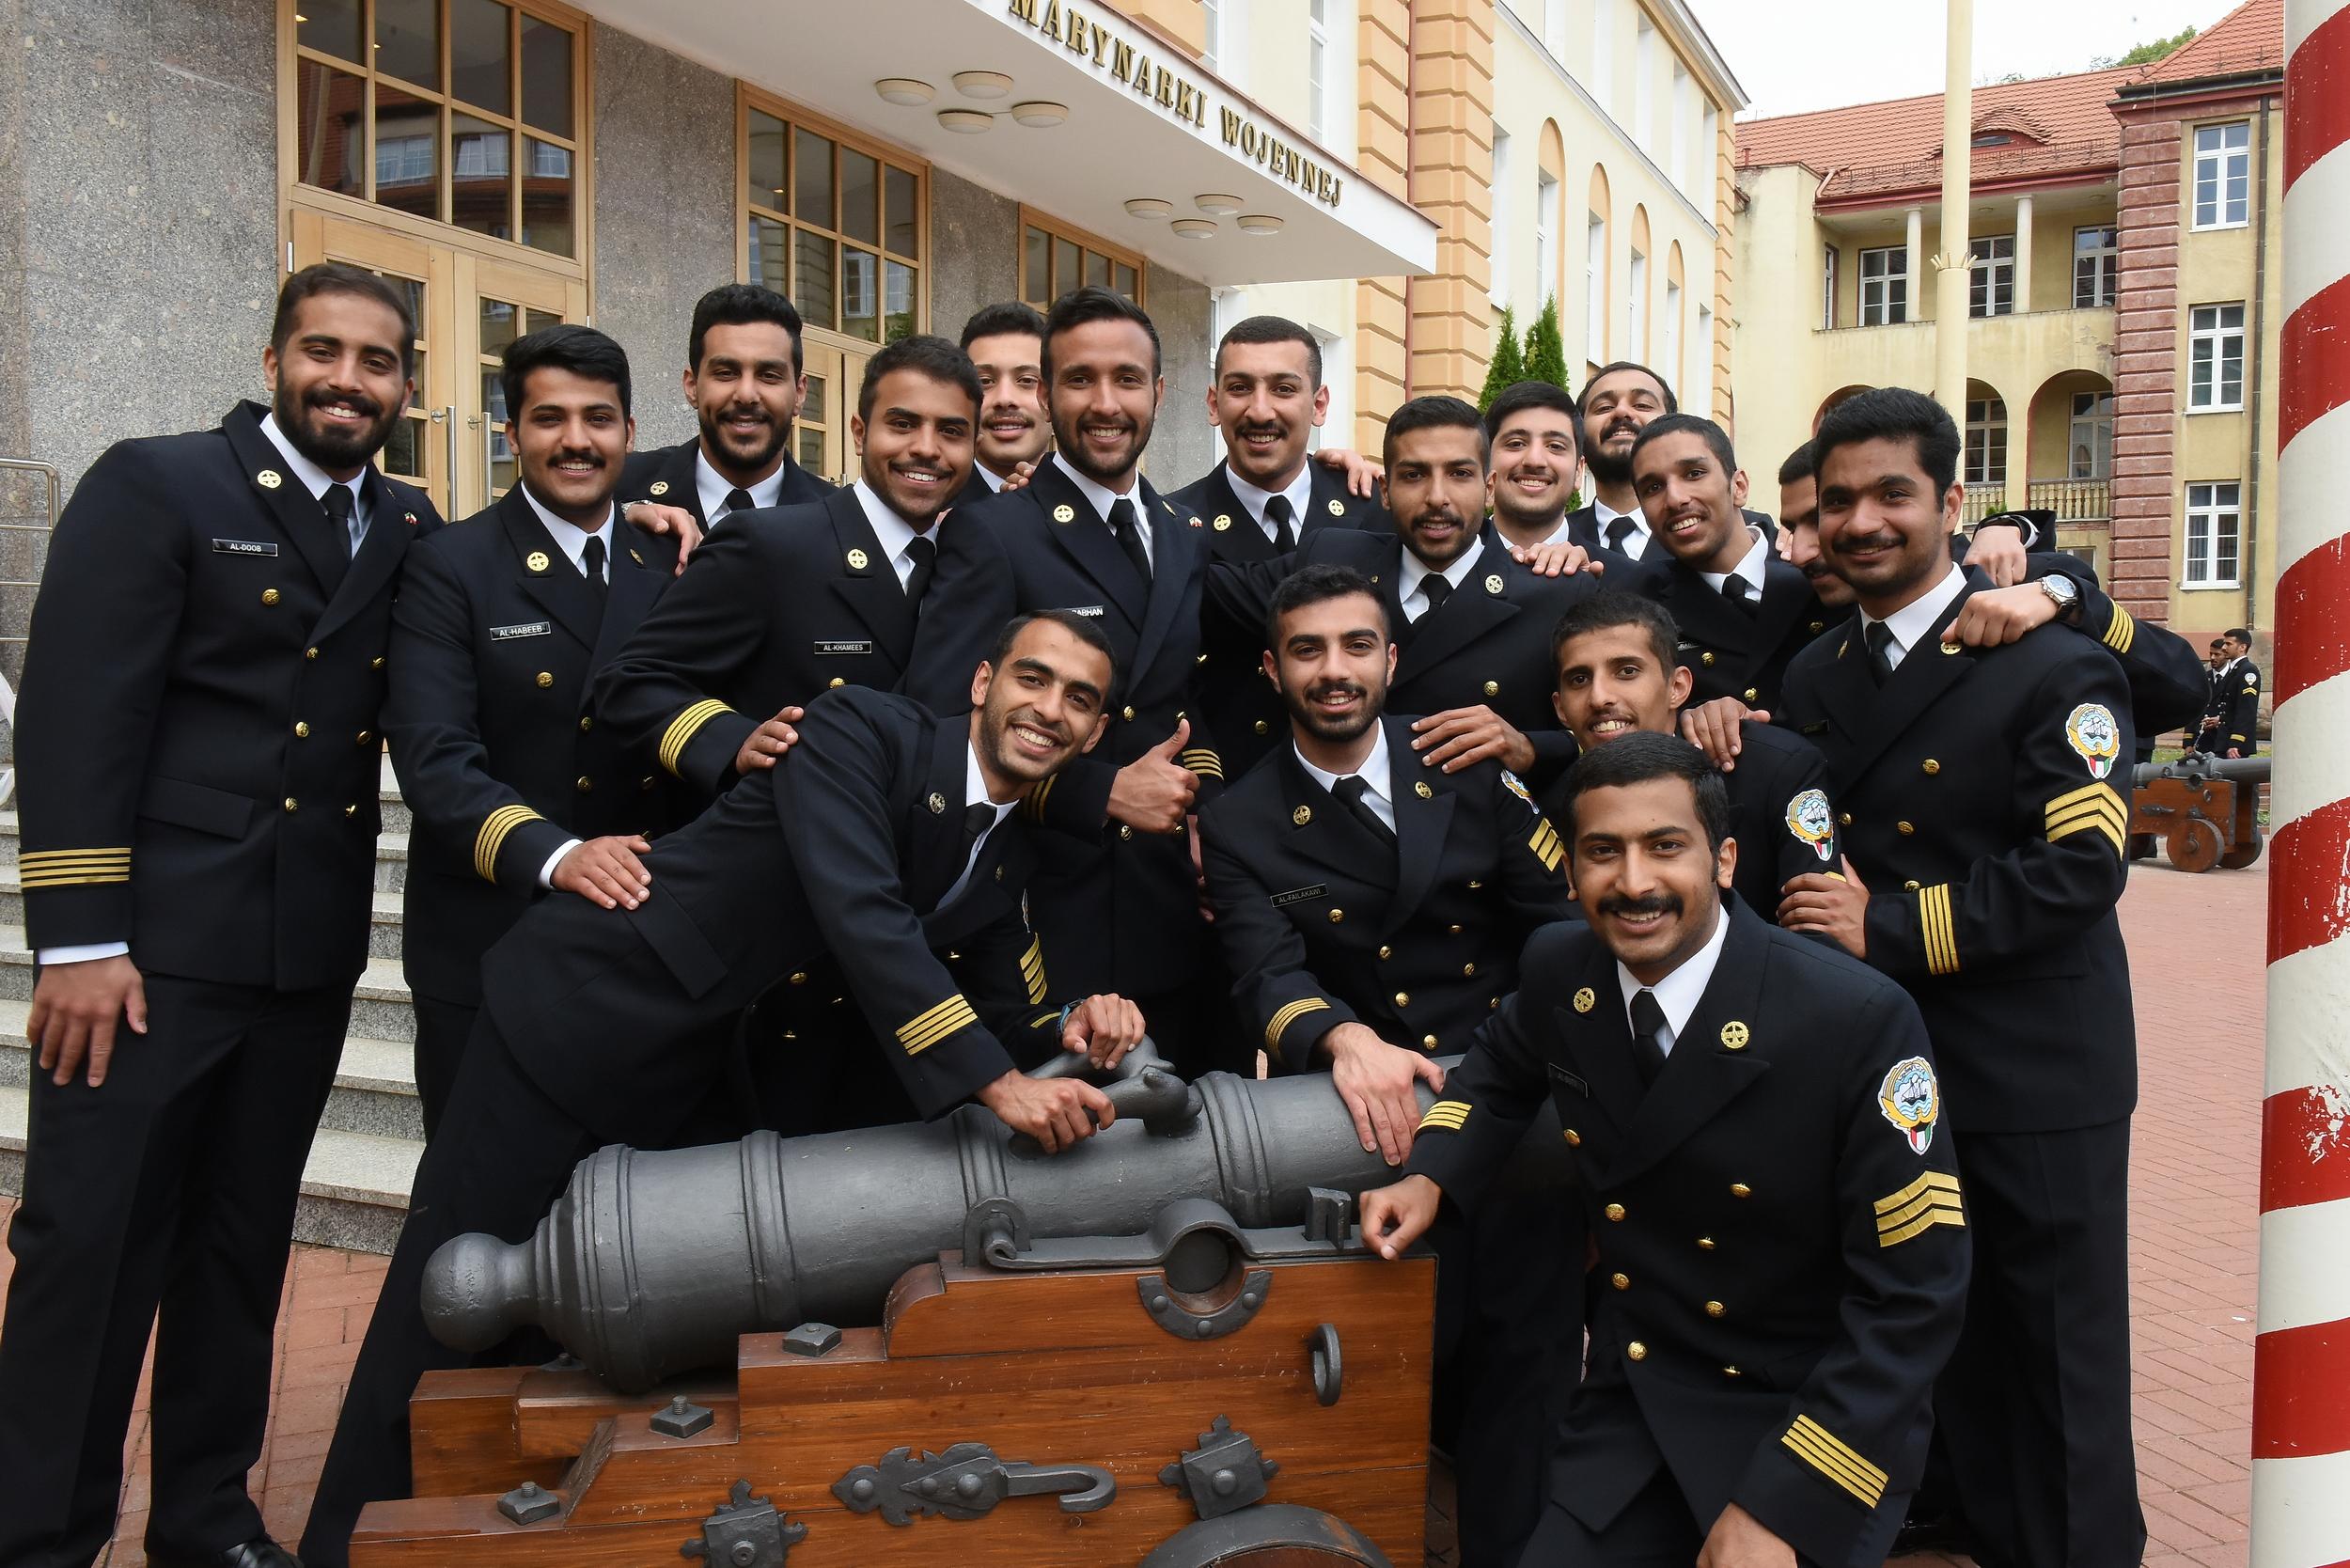 Studenci AMW z Kuwejtu, fot. AMW